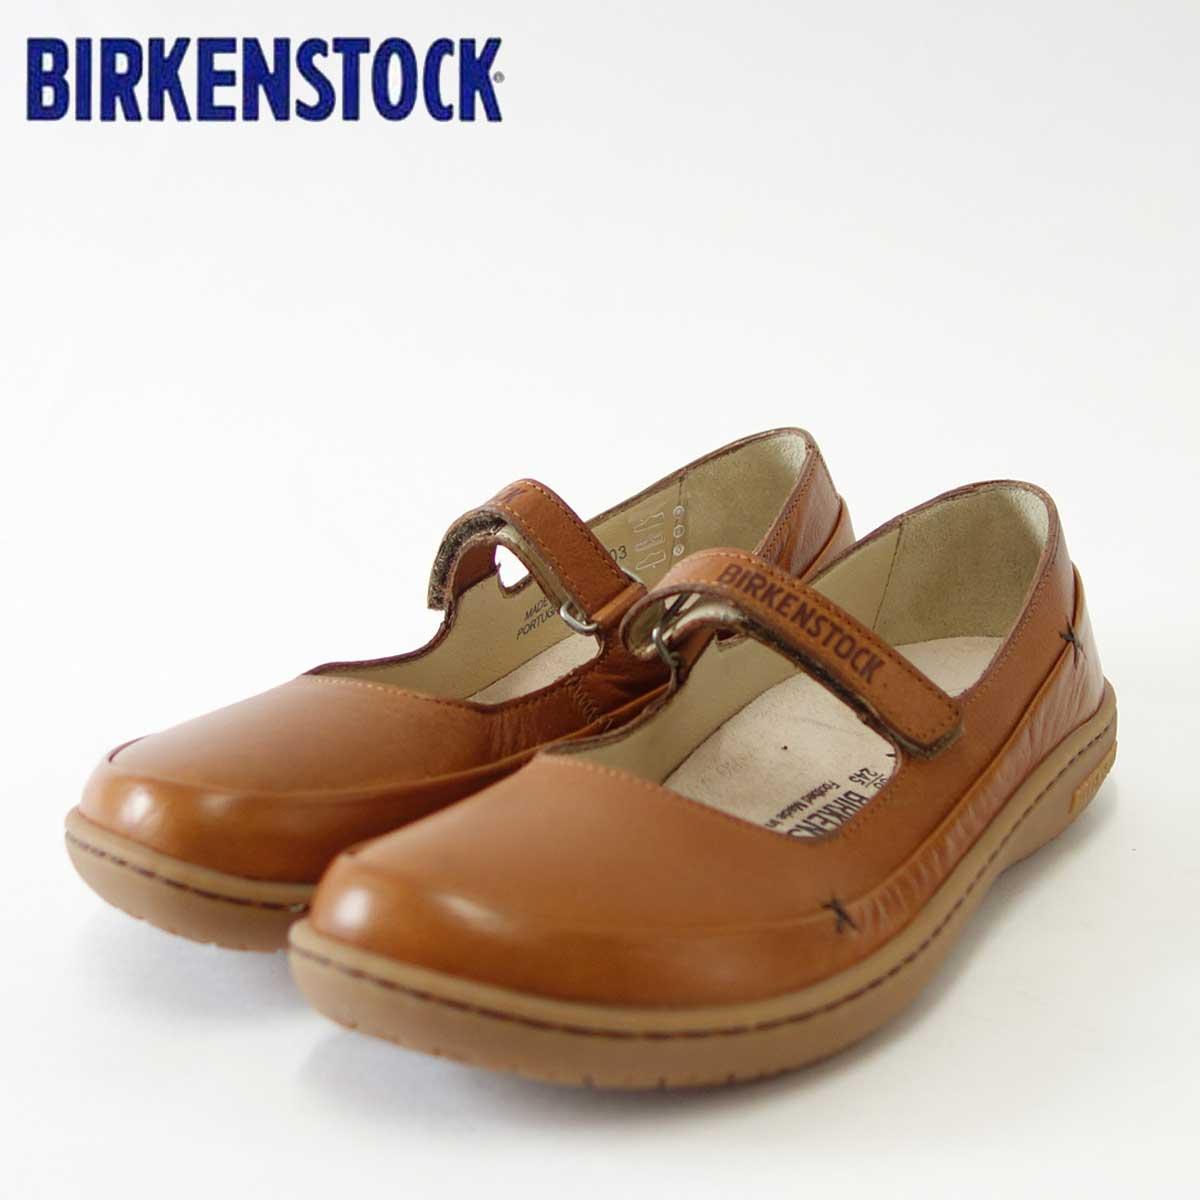 BIRKENSTOCK ビルケンシュトック IONA(イオナ) GS 1004580(天然皮革/CUOIO)レディースナチュラルな甲ストラップシューズ「靴」